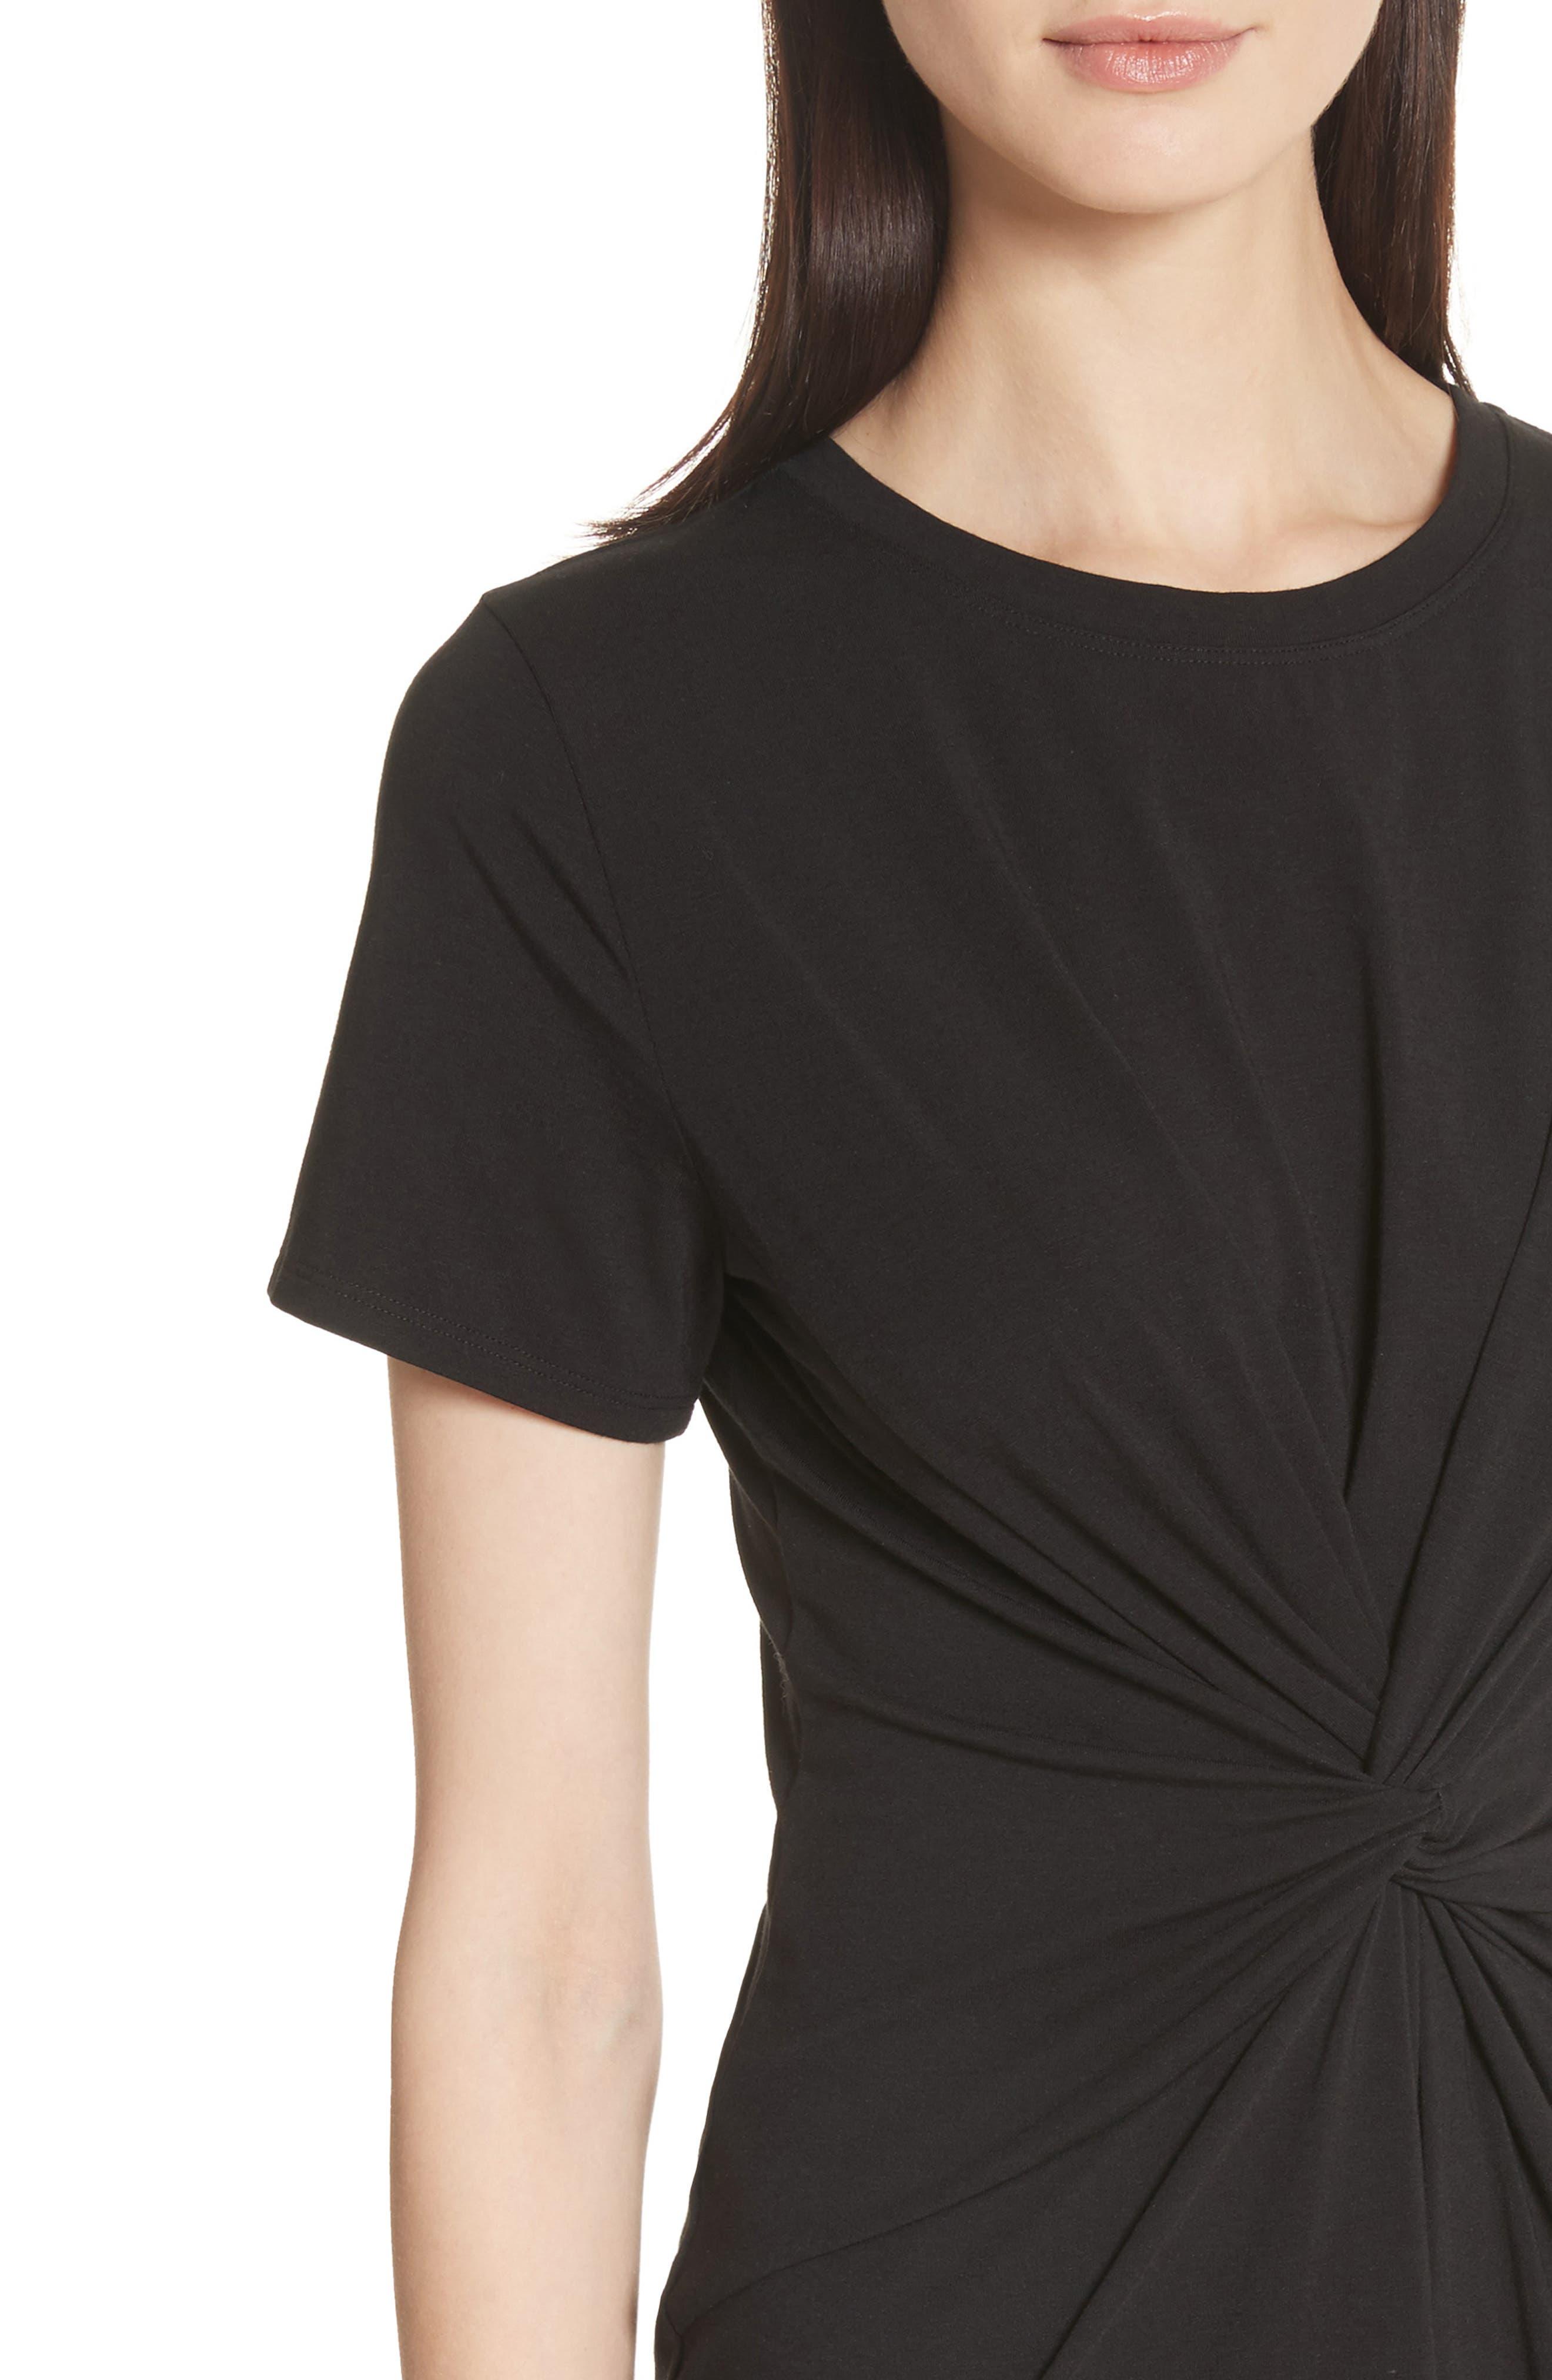 Rubri Knotted T-Shirt Dress,                             Alternate thumbnail 4, color,                             BLACK MULTI